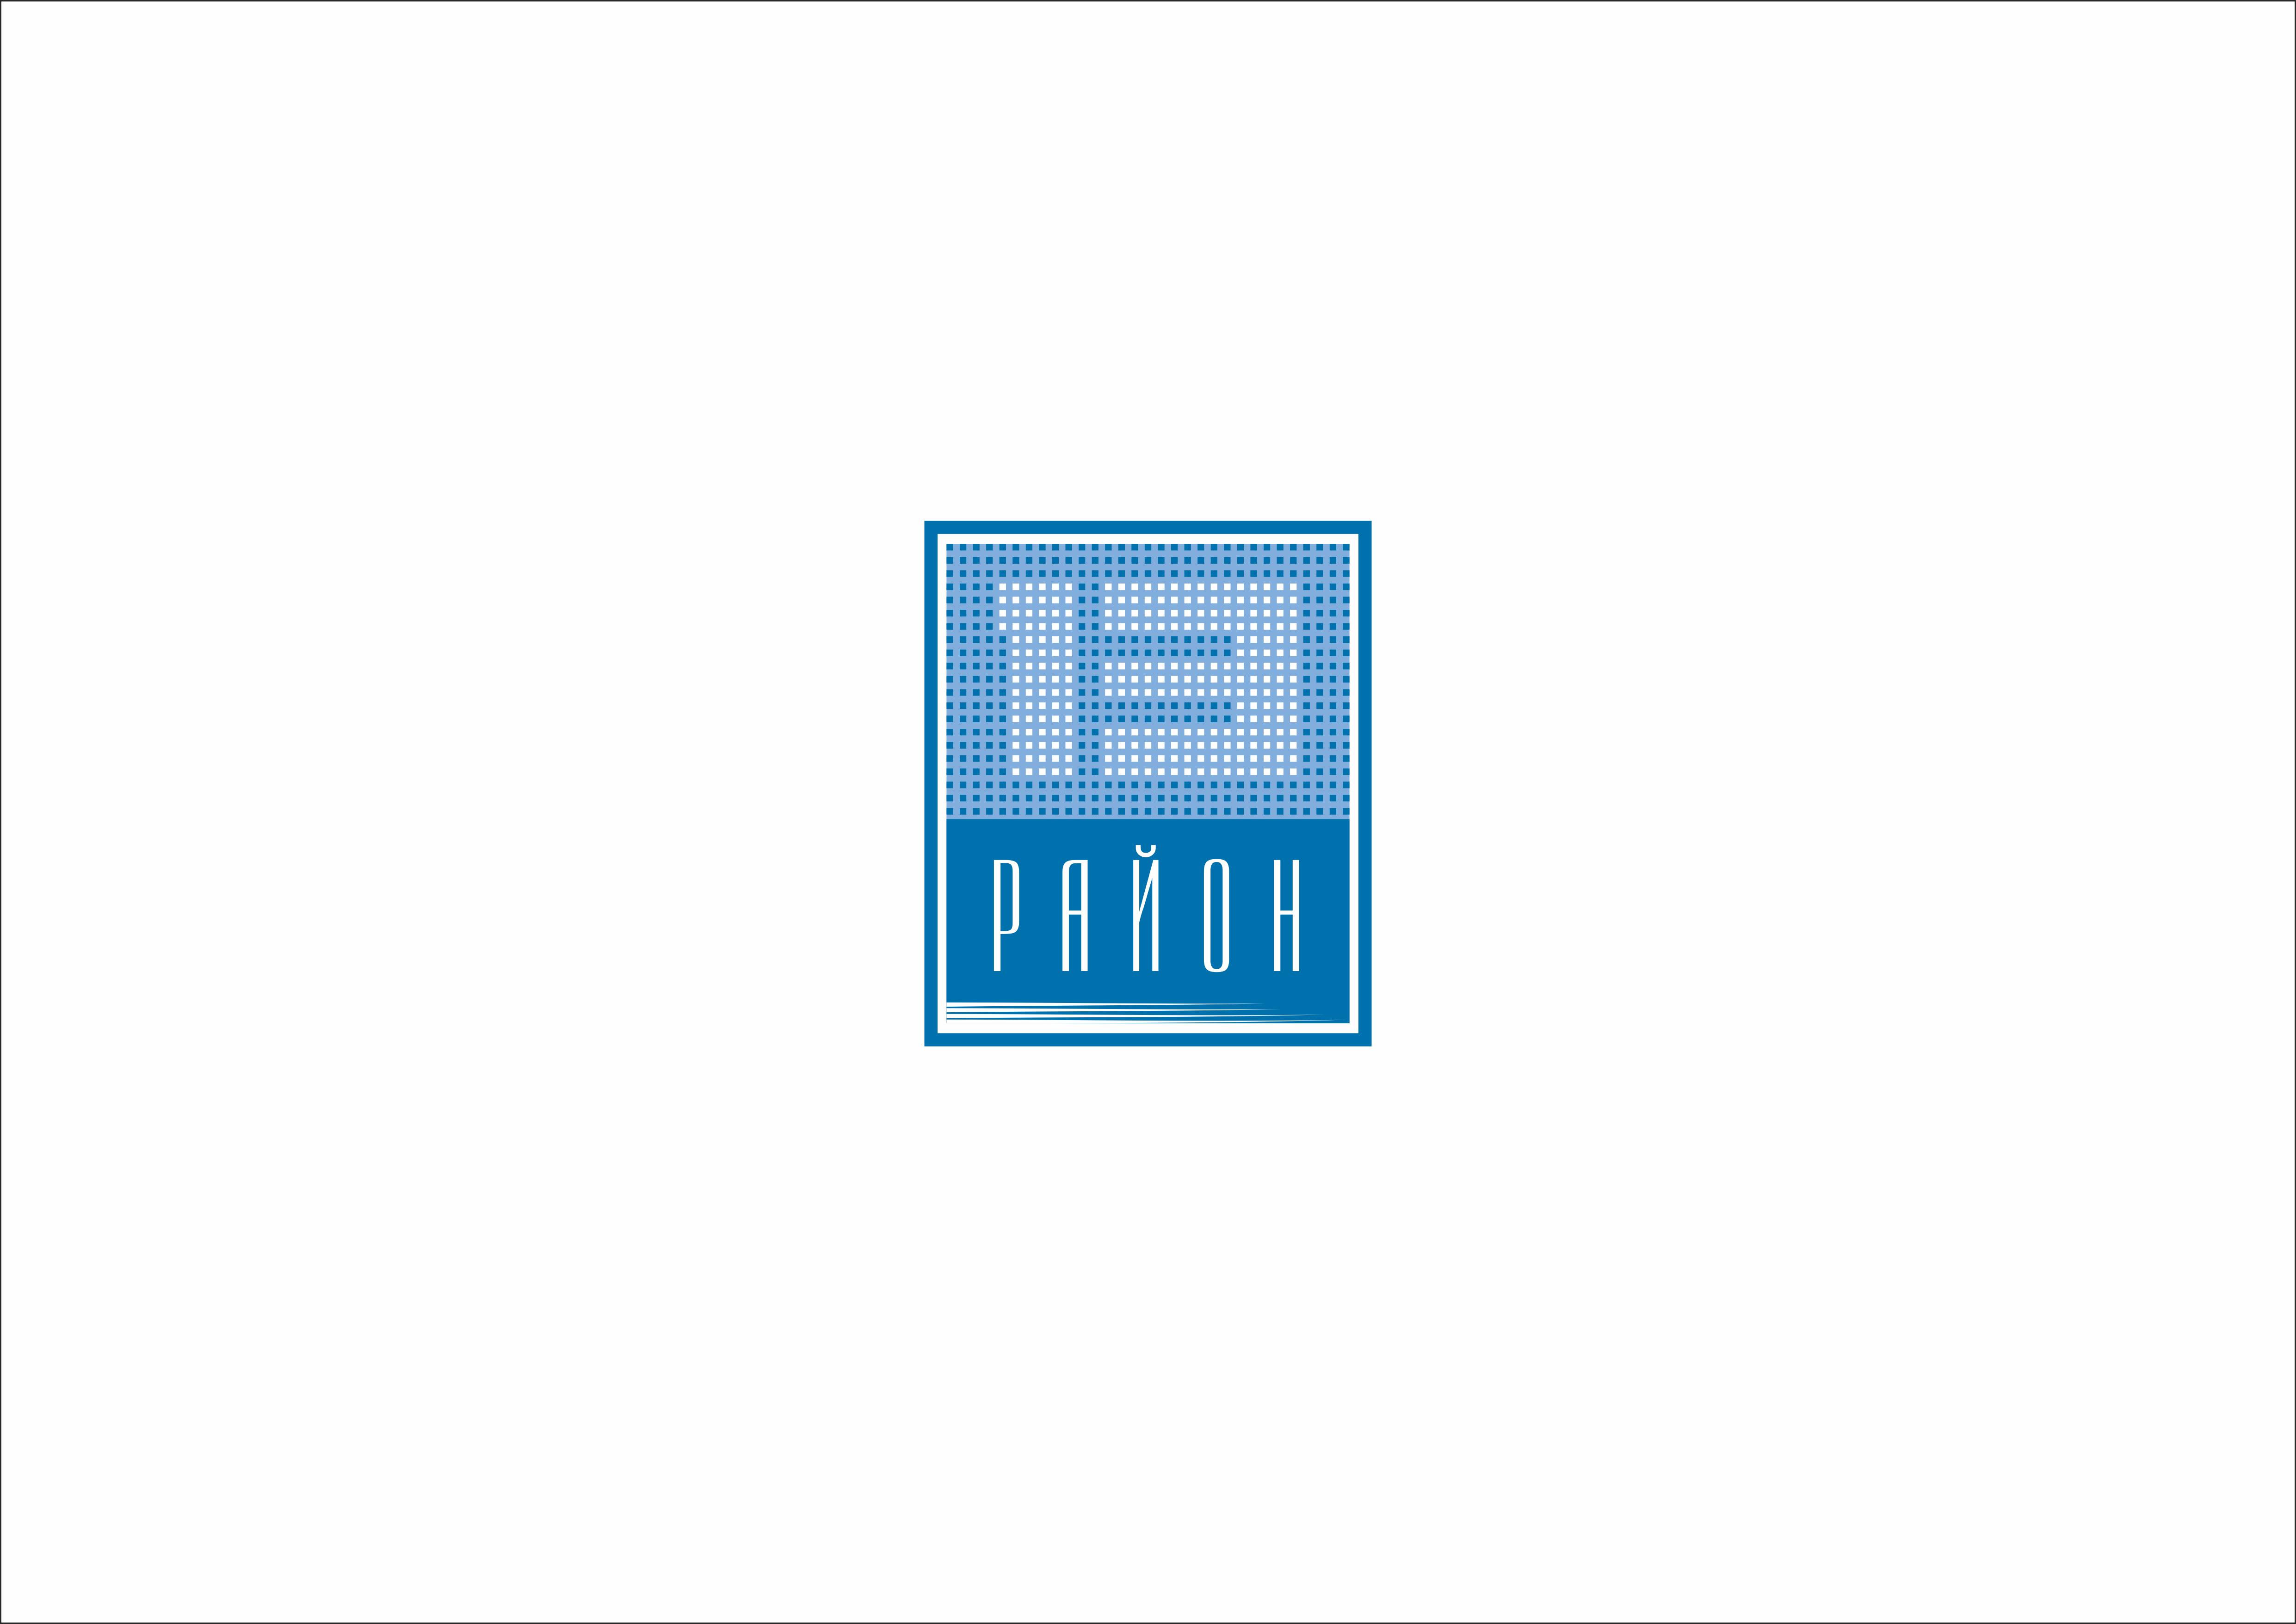 Разработка логотипа и фирменный стиль фото f_08759712f7fb97e4.png